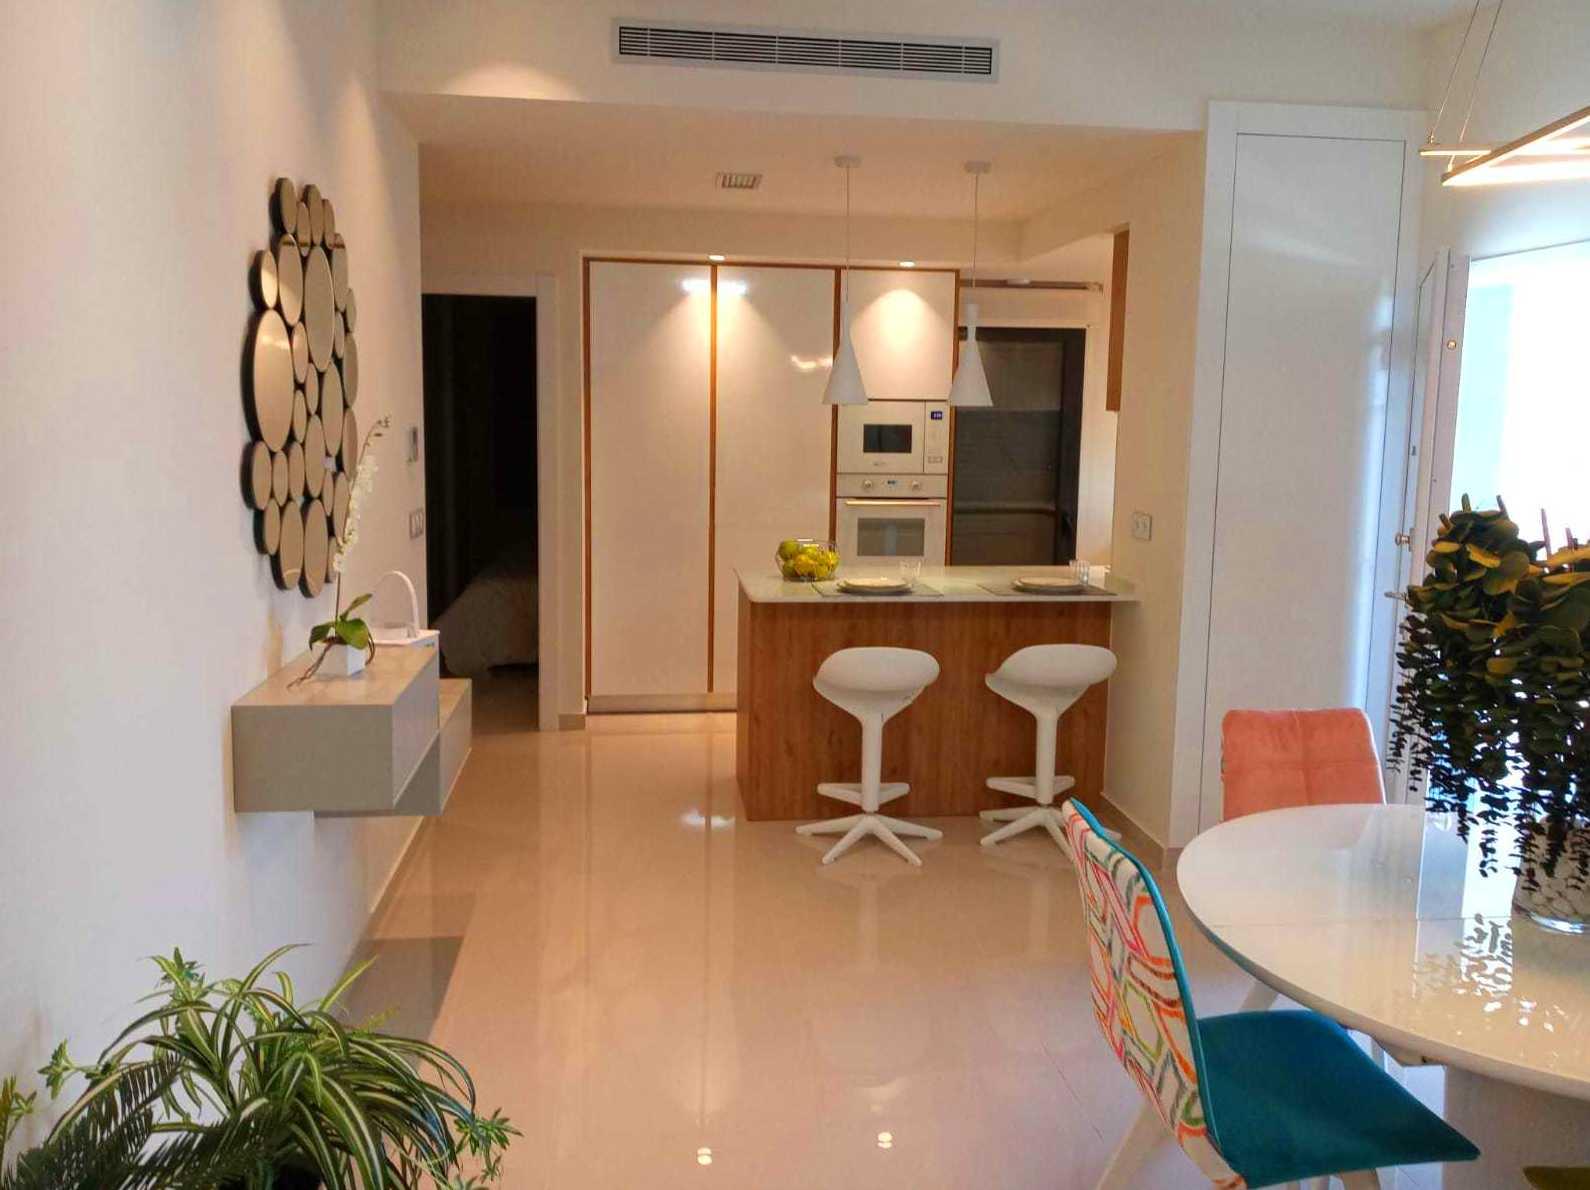 Foto 2 de Muebles de baño y cocina en  | Ébano Interiorismo